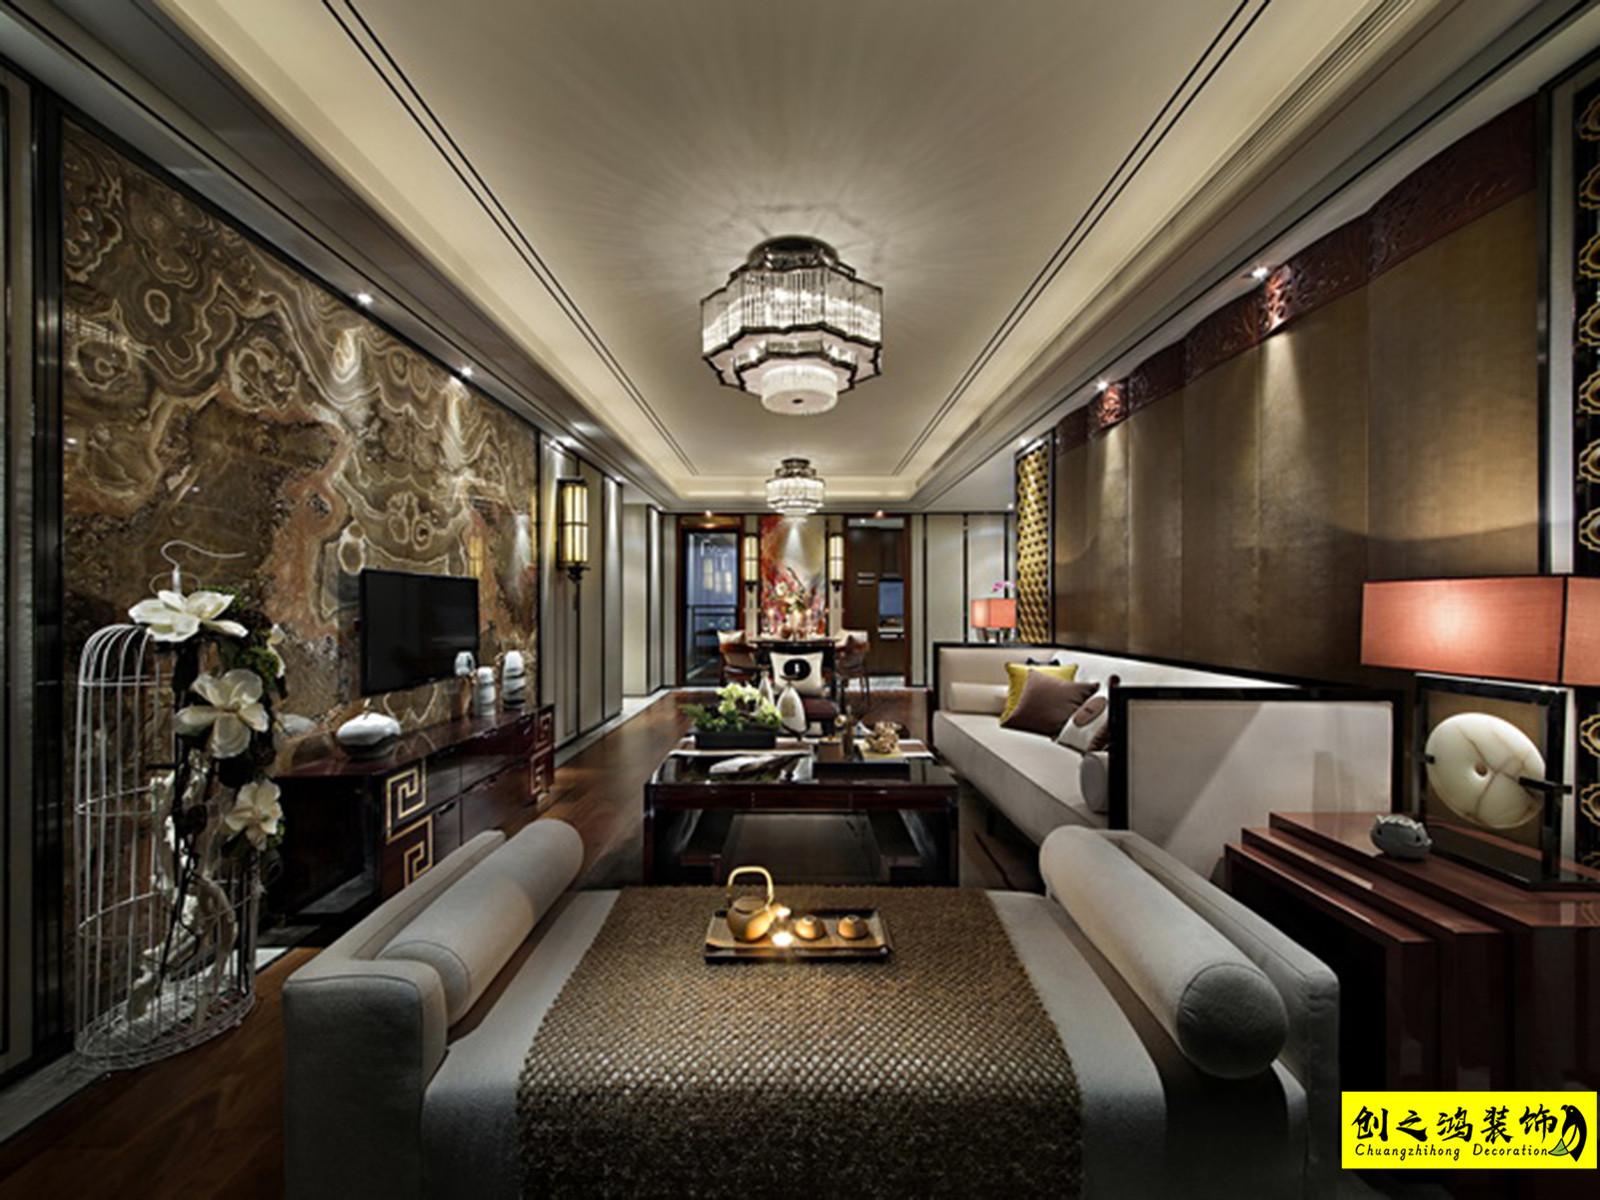 140㎡金地艺城瑞府三室两厅中式风格装修效果图